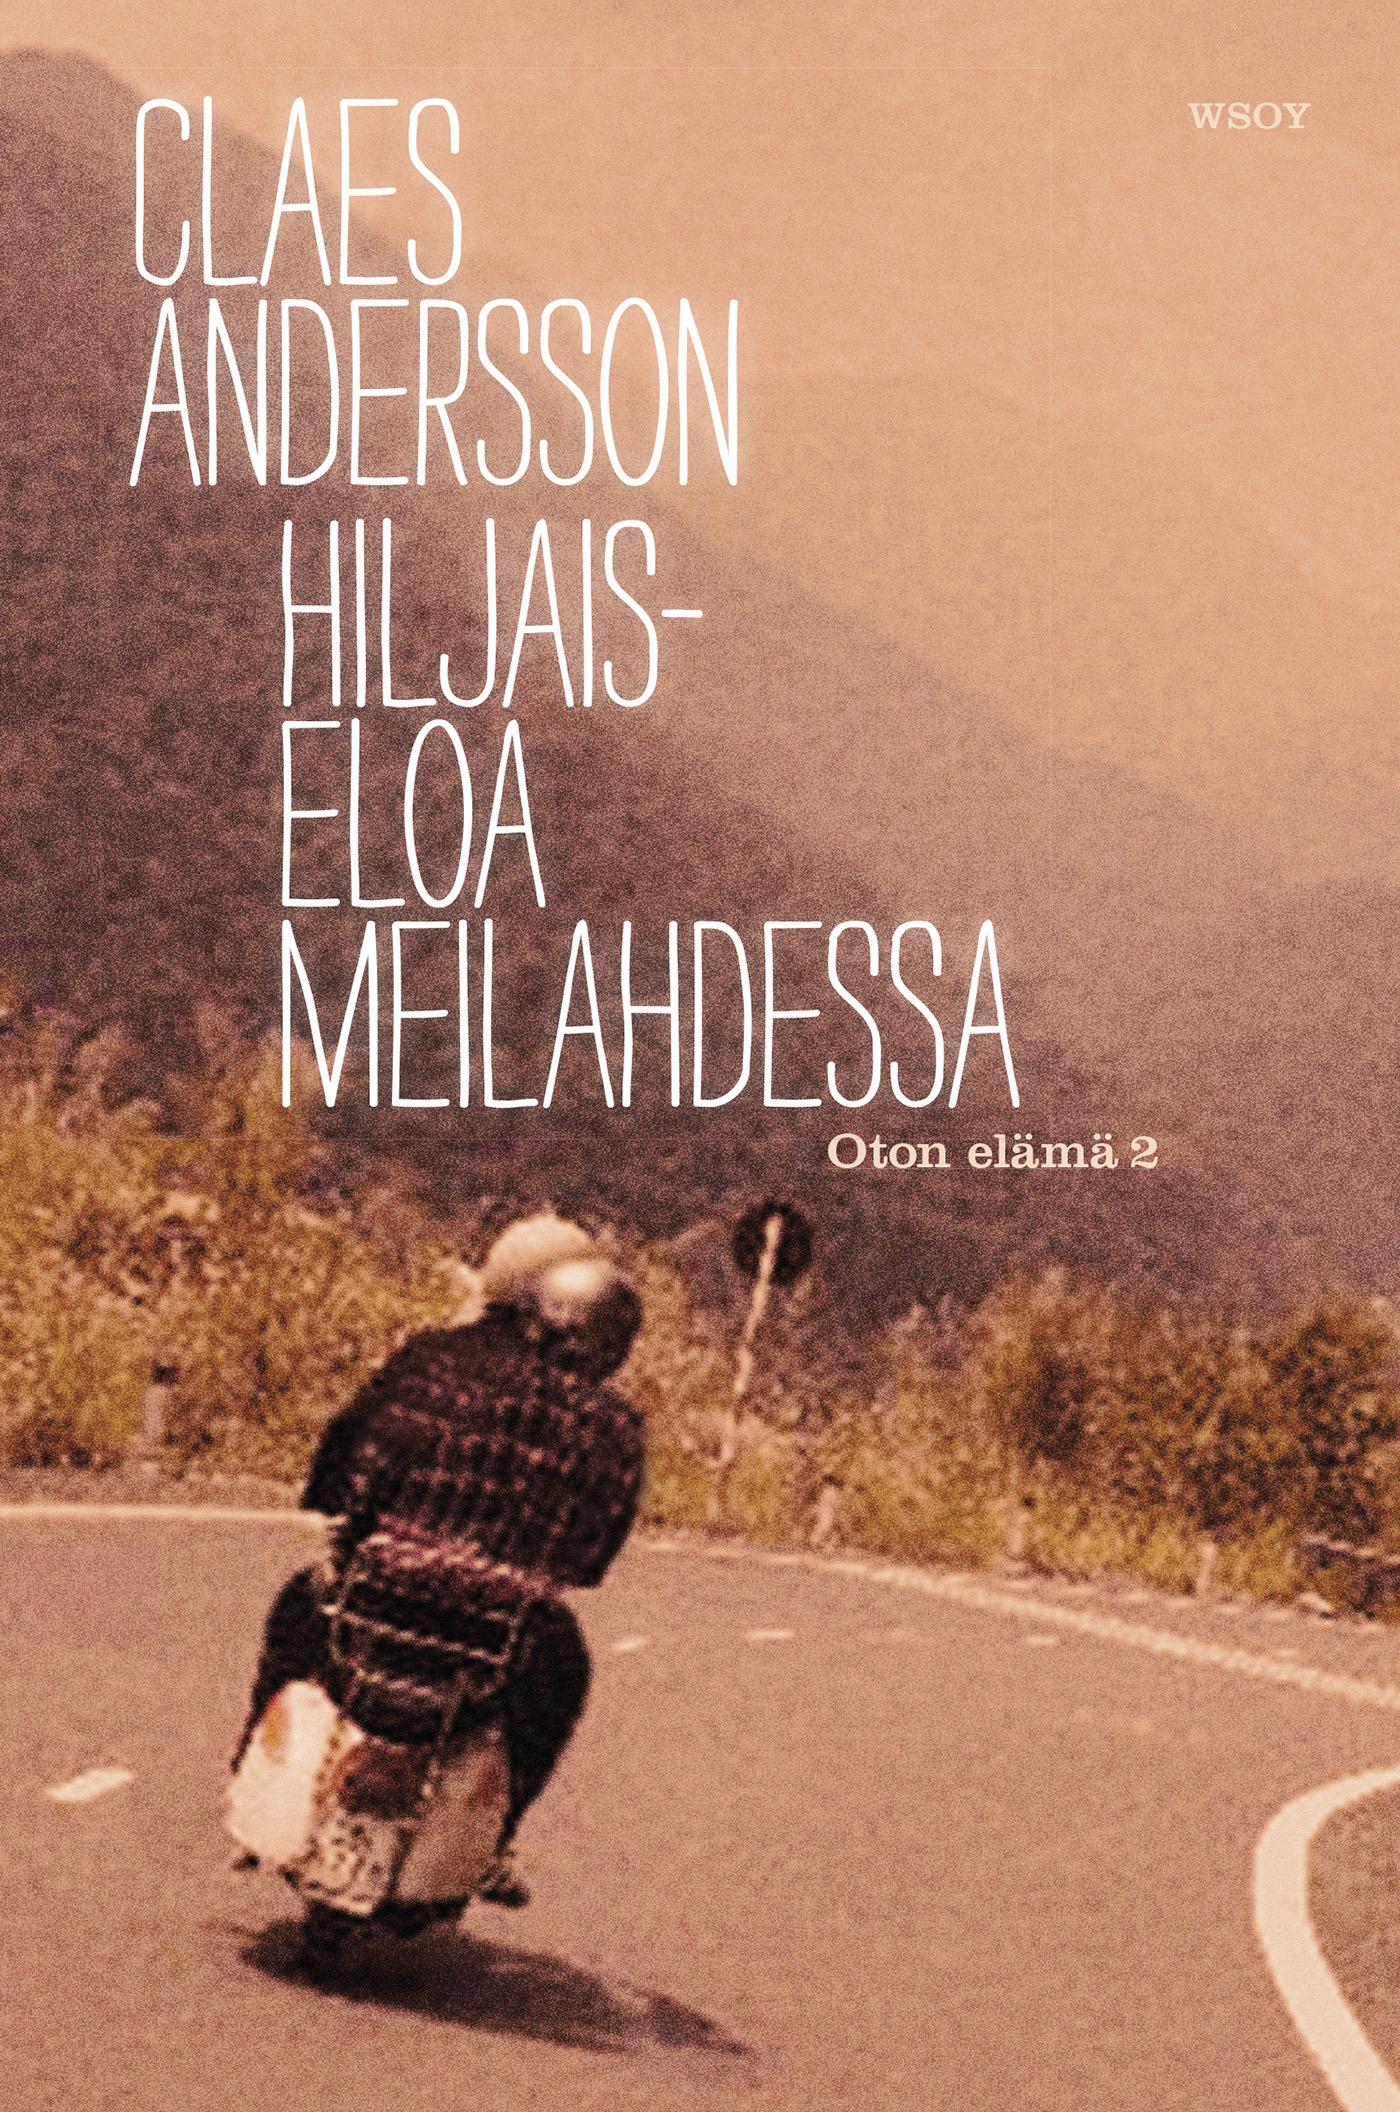 Andersson, Claes - Hiljaiseloa Meilahdessa: Oton elämä 2, e-kirja